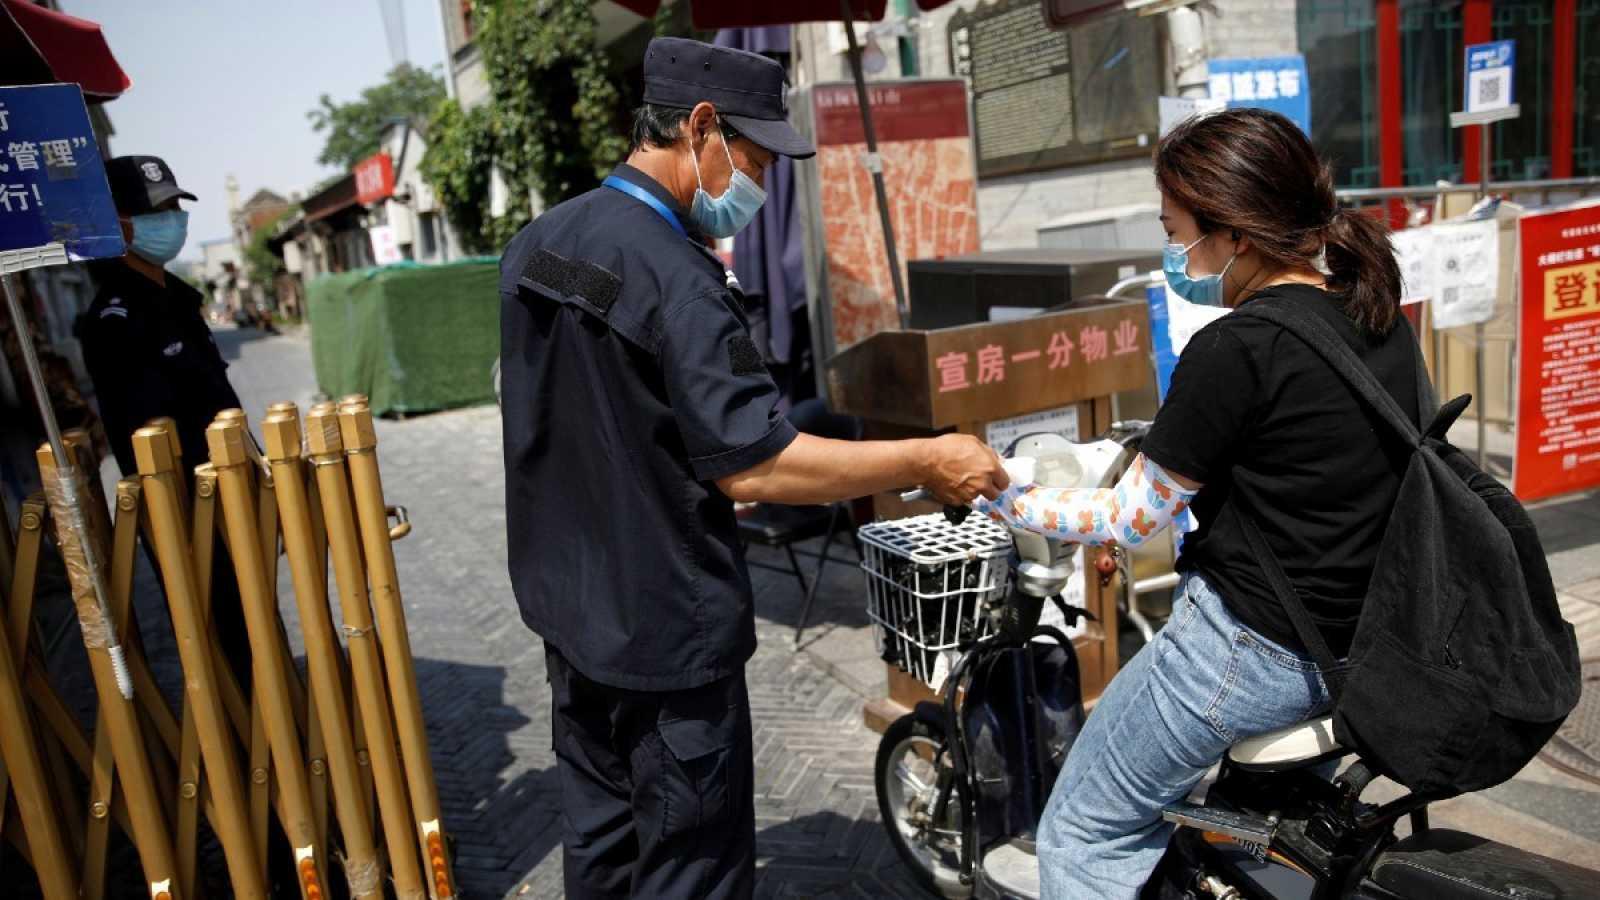 Un guardia de seguridad con mascarilla toma la temperatura de una mujer en una bicicleta en Pekín